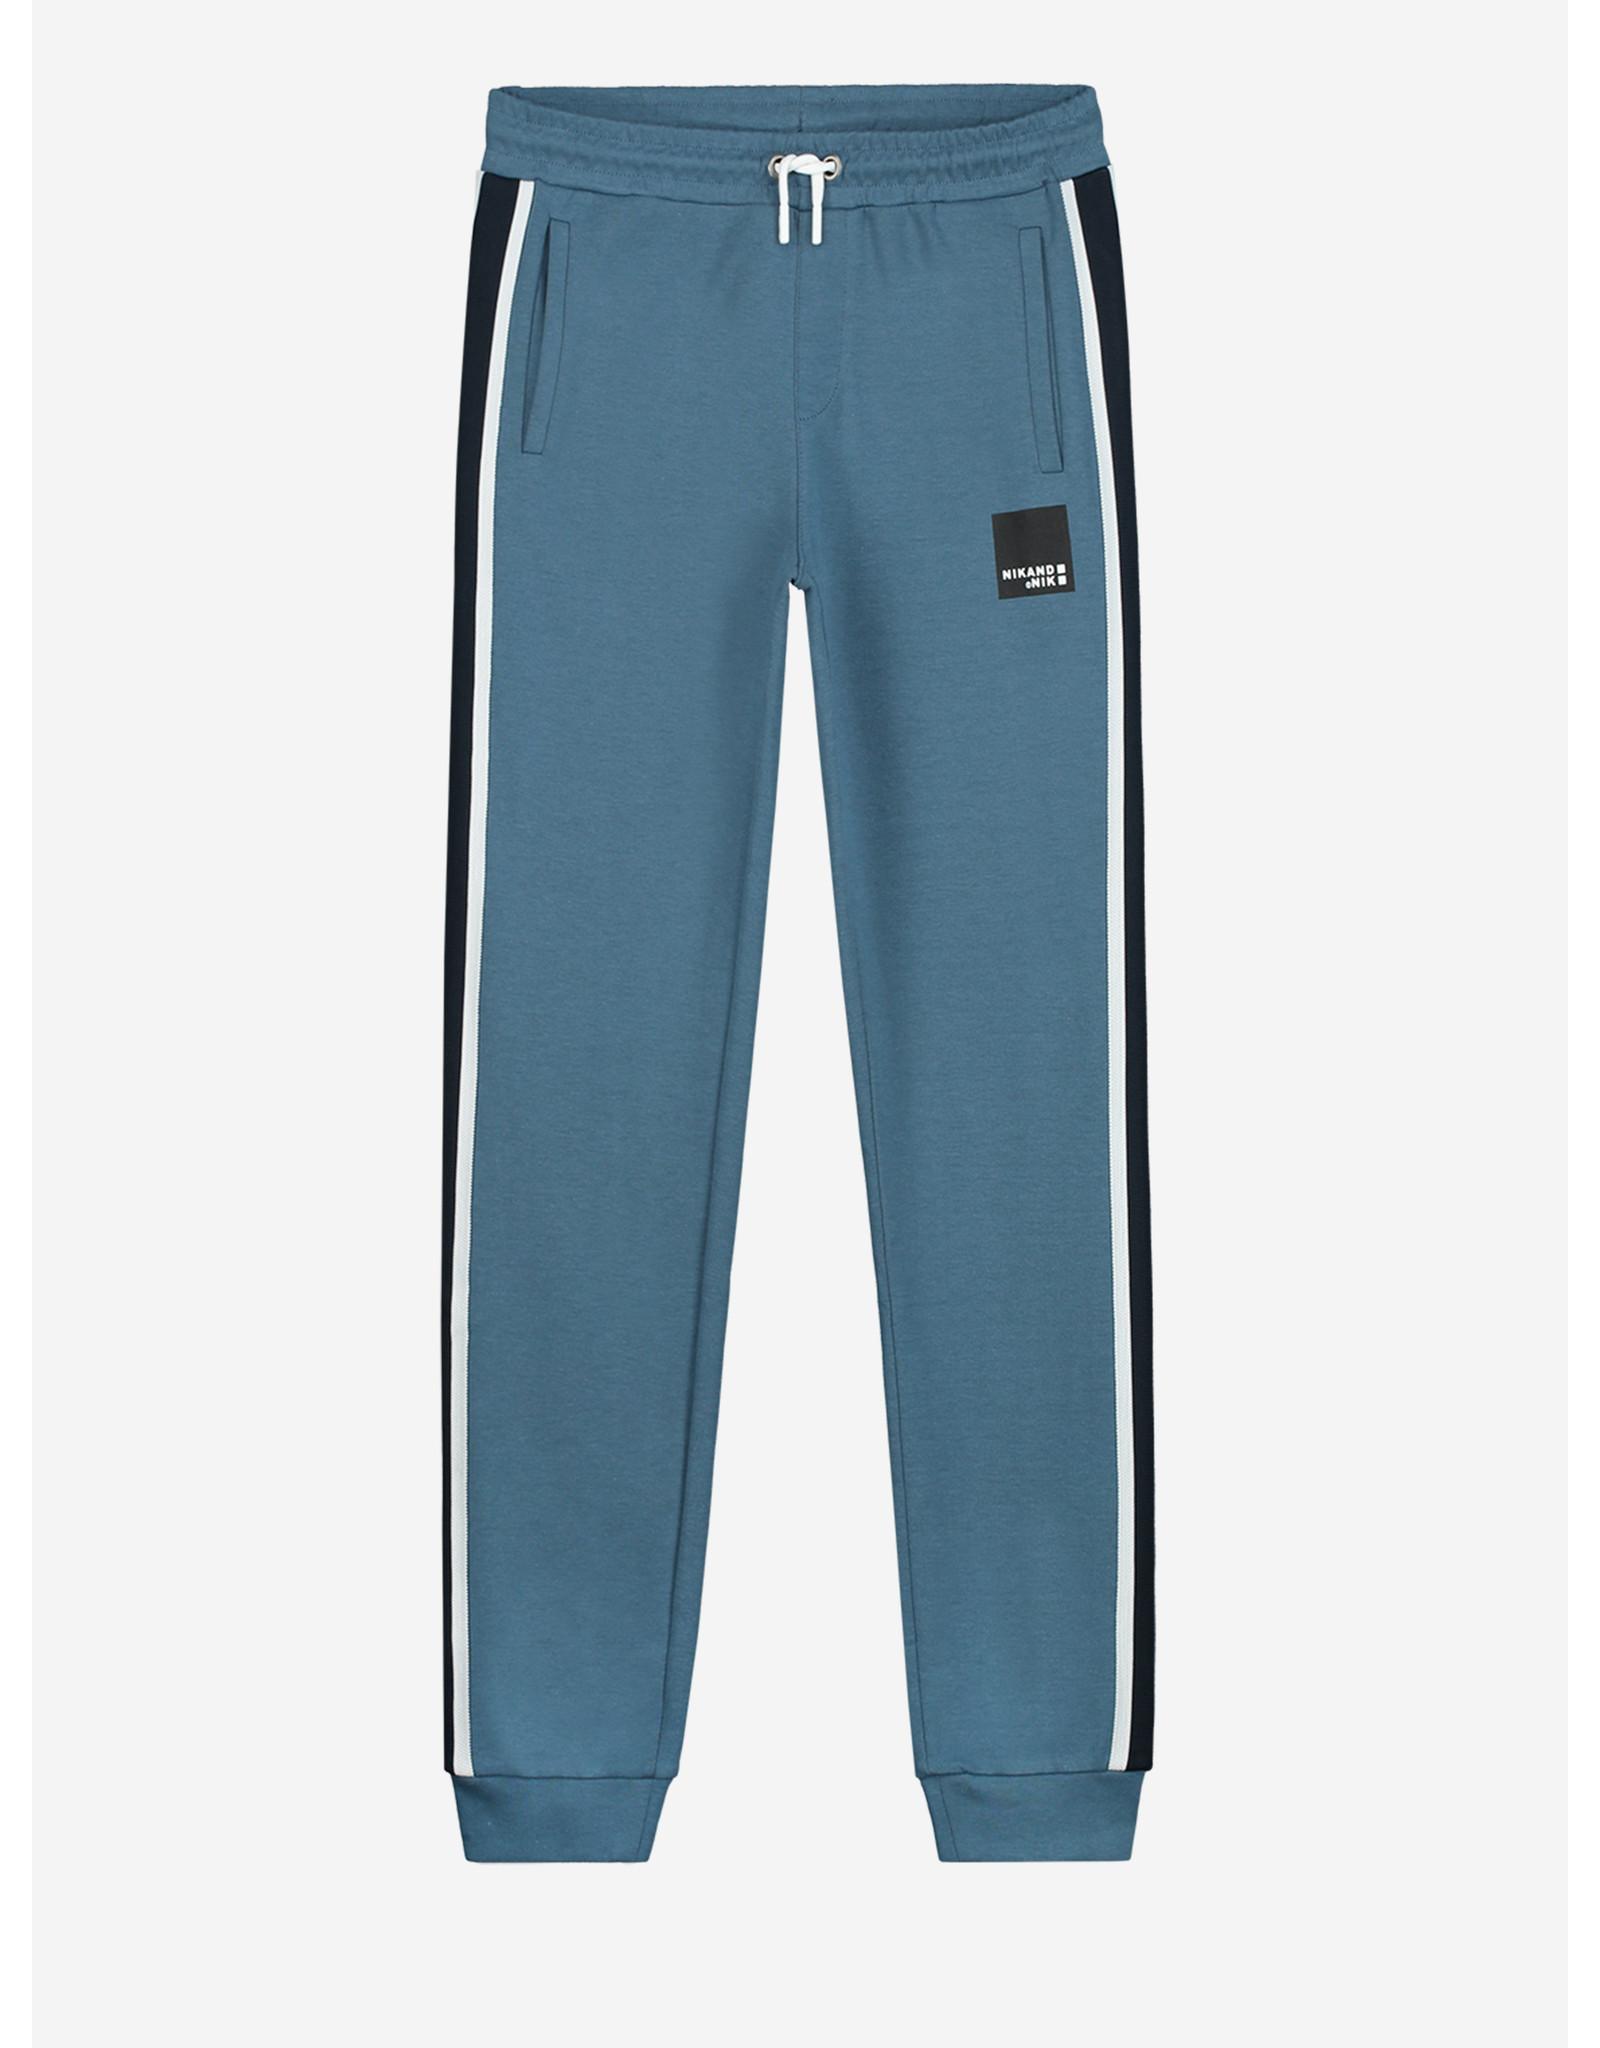 Nik&Nik NIK&NIK Ferlen Sweatpants Dusty Blue